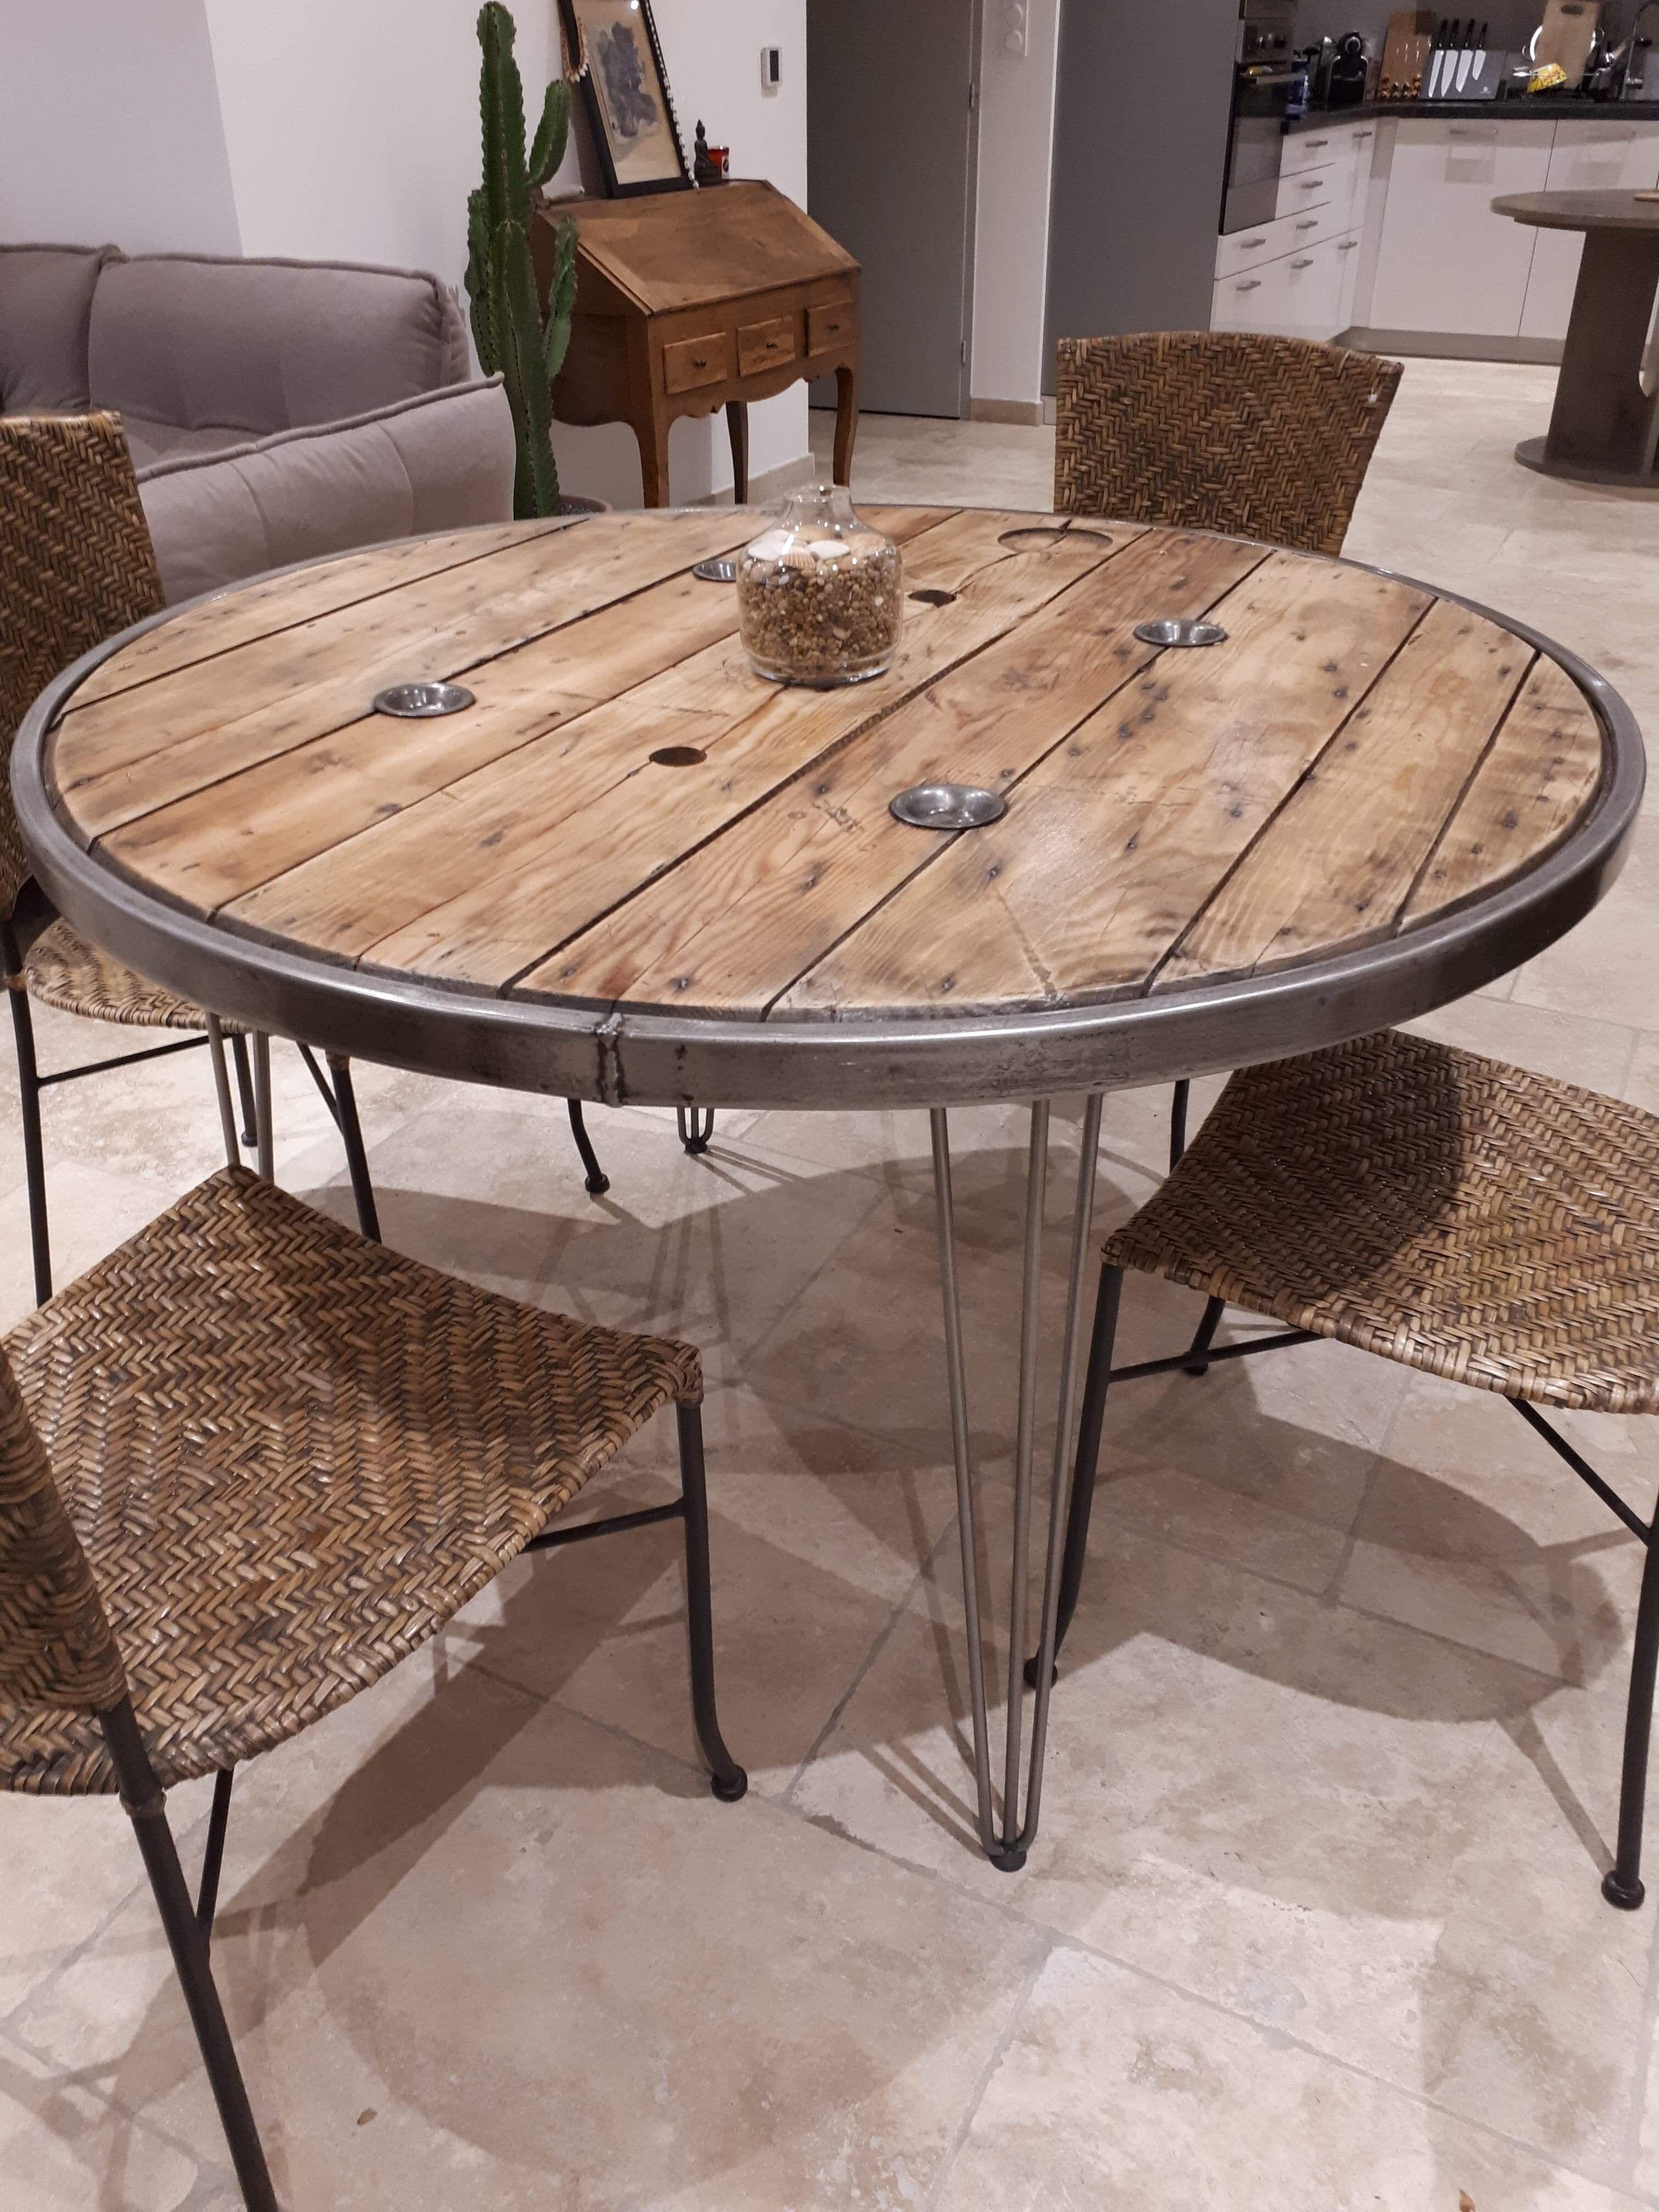 Cette Table De Salon A Ete Realisee A Partir D Un Touret Cercle Une Belle Table Prete A Accueillir Table A Manger Industriel Table De Salon Mobilier De Salon